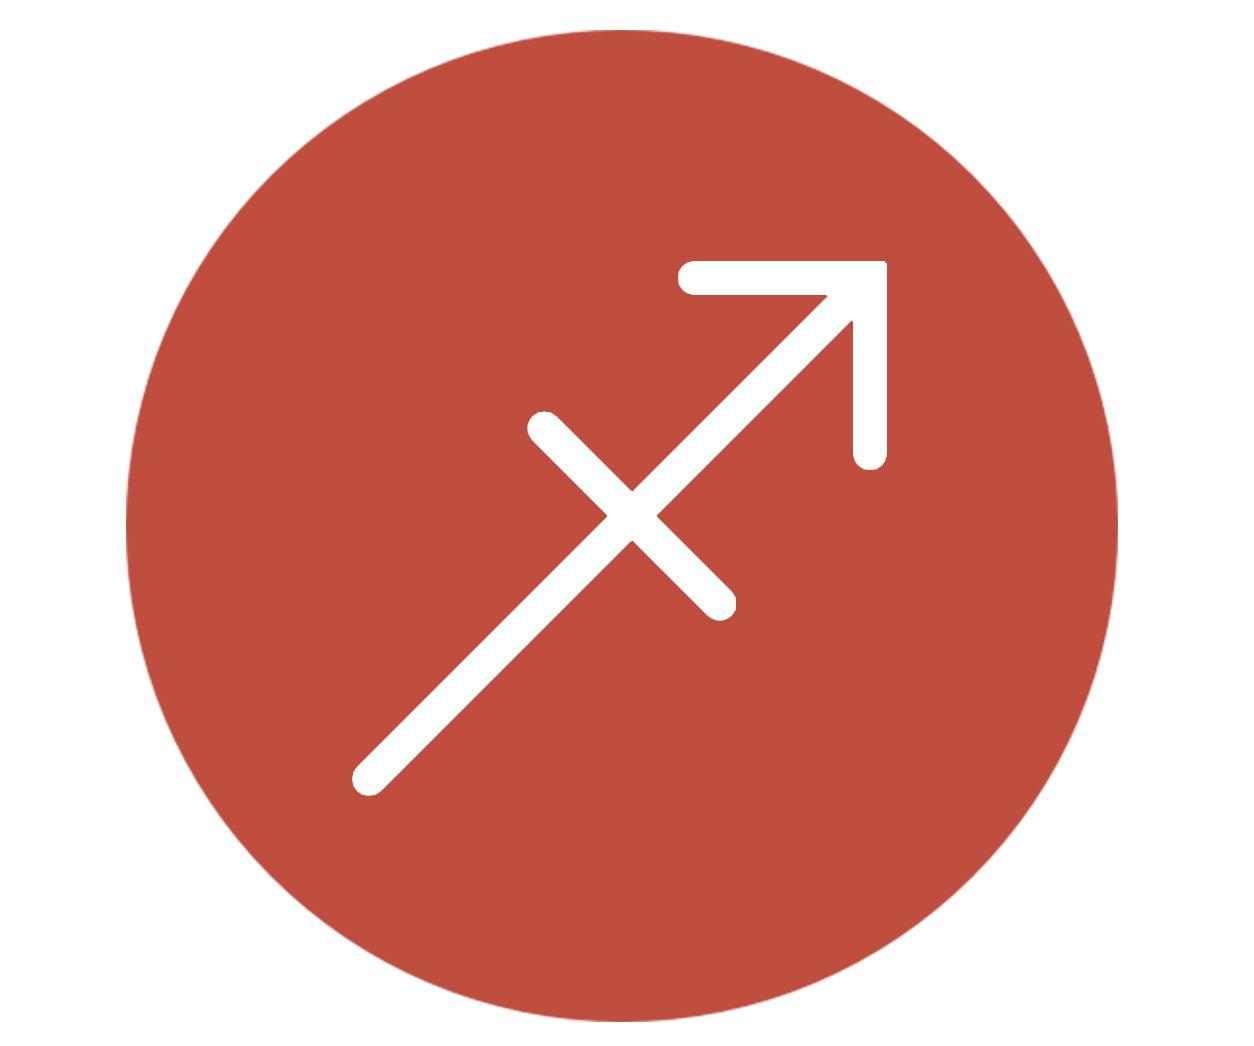 Sagittario: caratteristiche, affinità e date del segno zodiacale